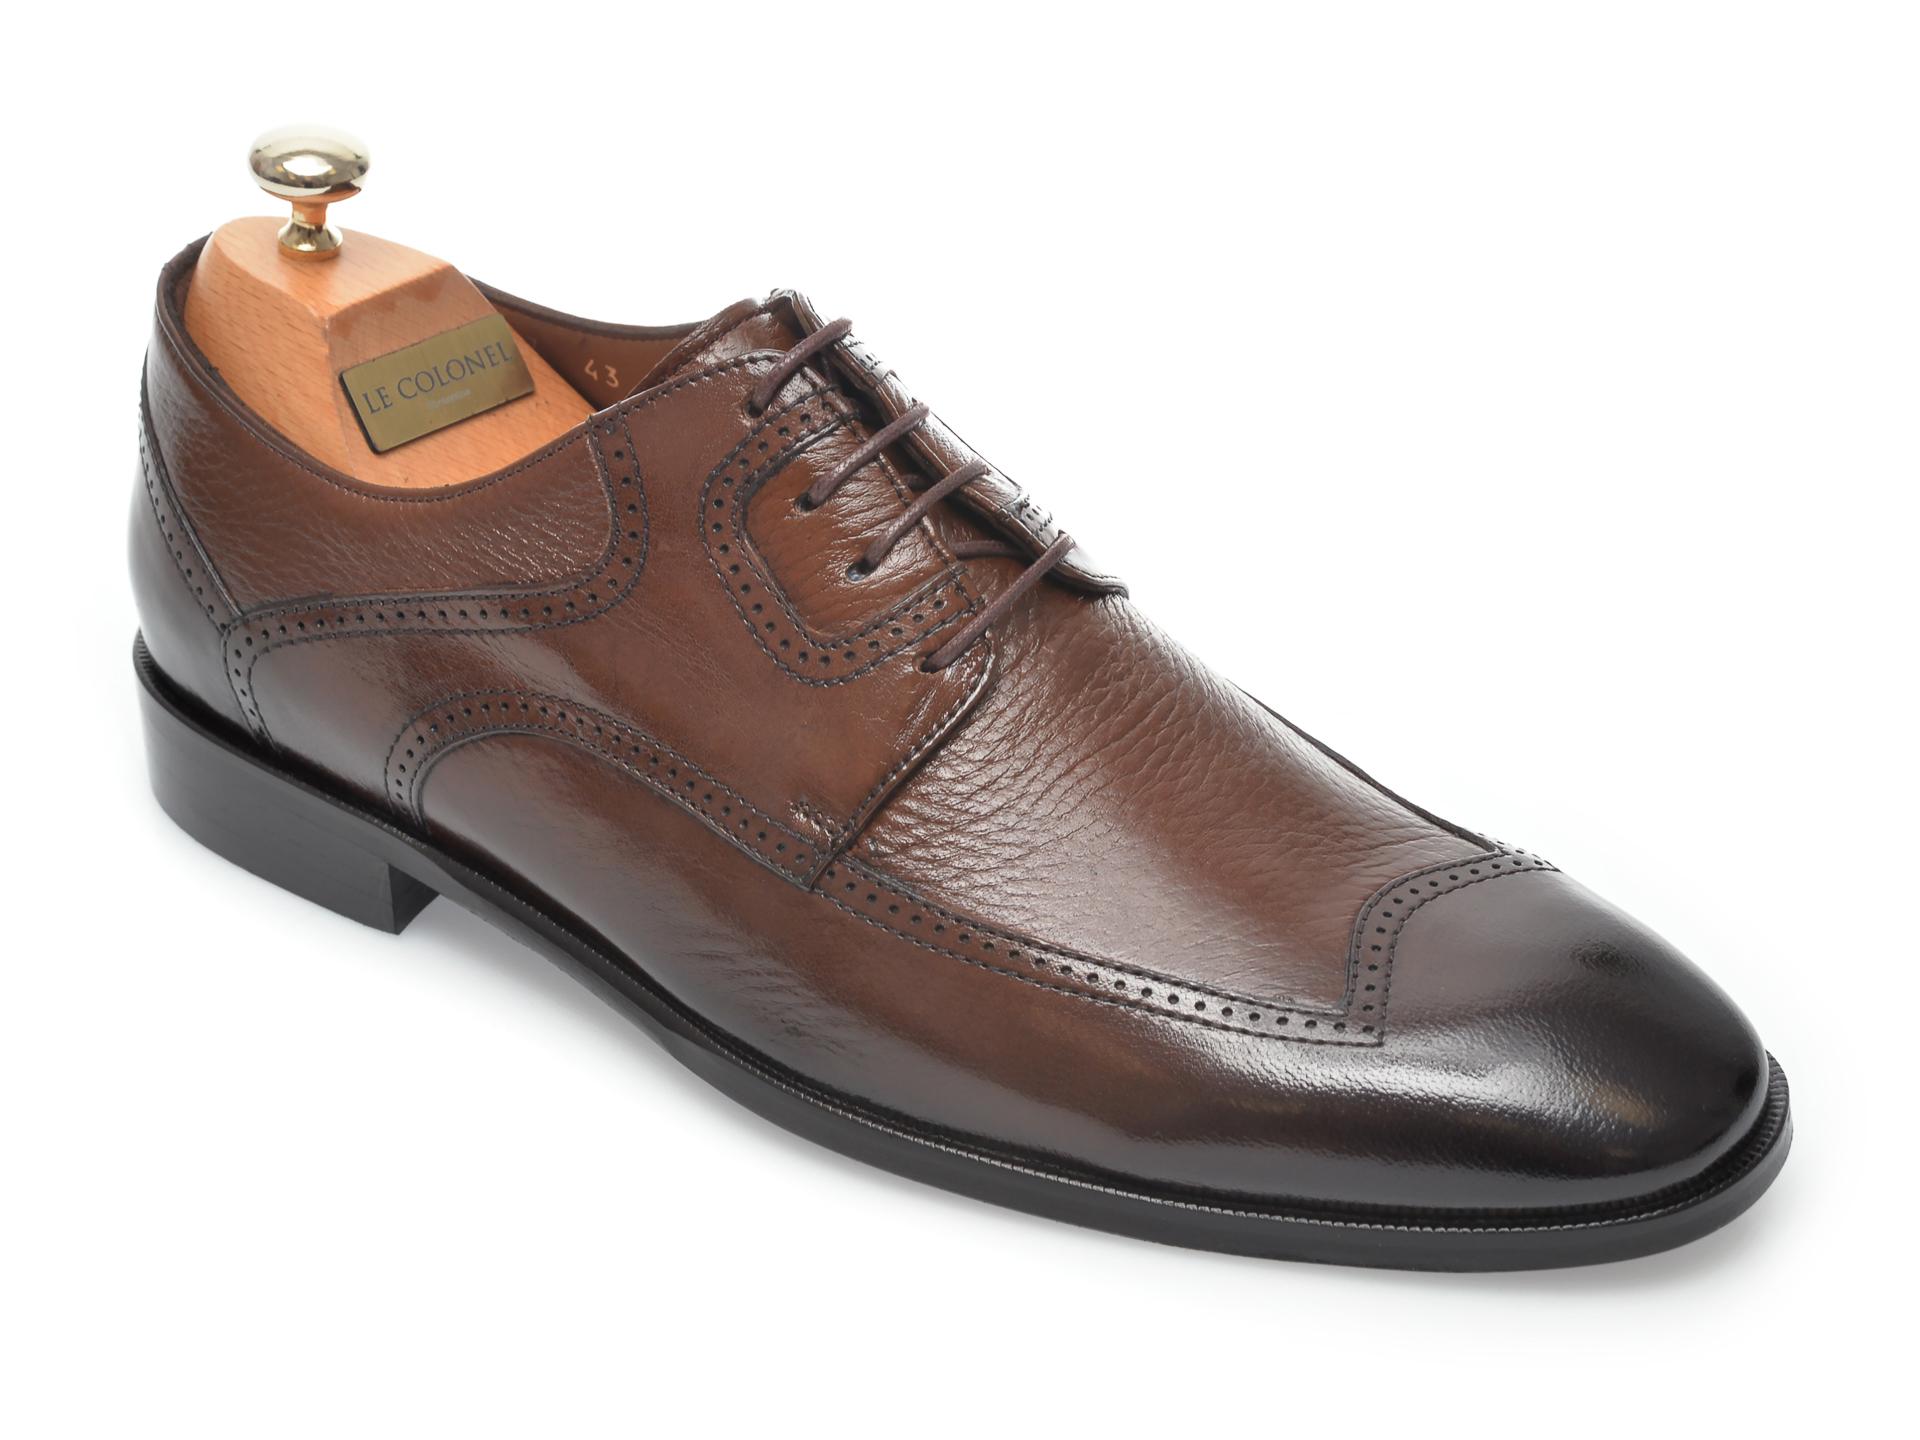 Pantofi LE COLONEL maro, 48757, din piele naturala imagine otter.ro 2021